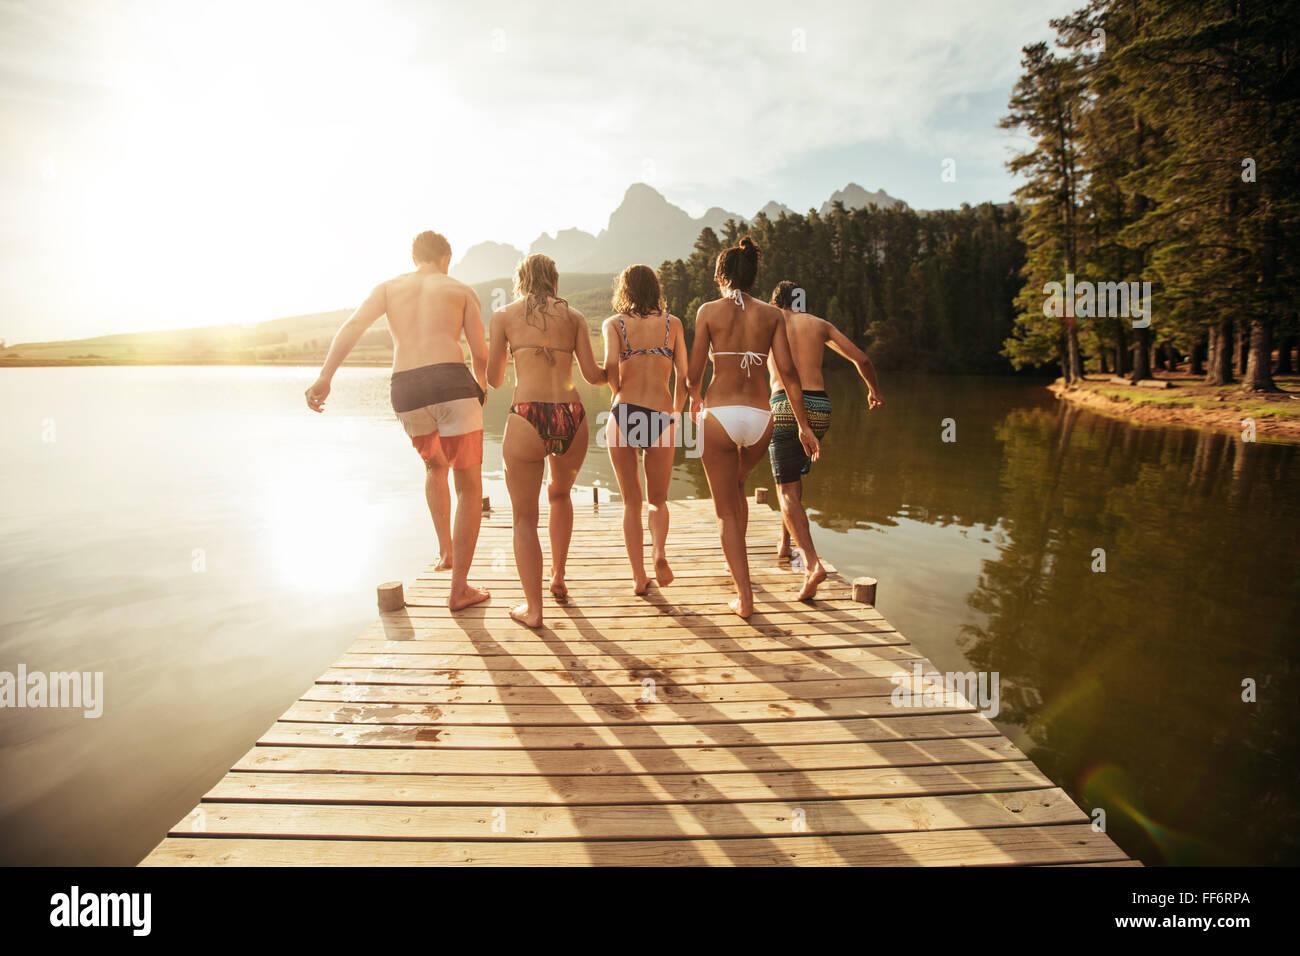 Porträt von jungen Freunden sich an einem sonnigen Tag in den See springen. Junge Menschen laufen auf einem Stockbild